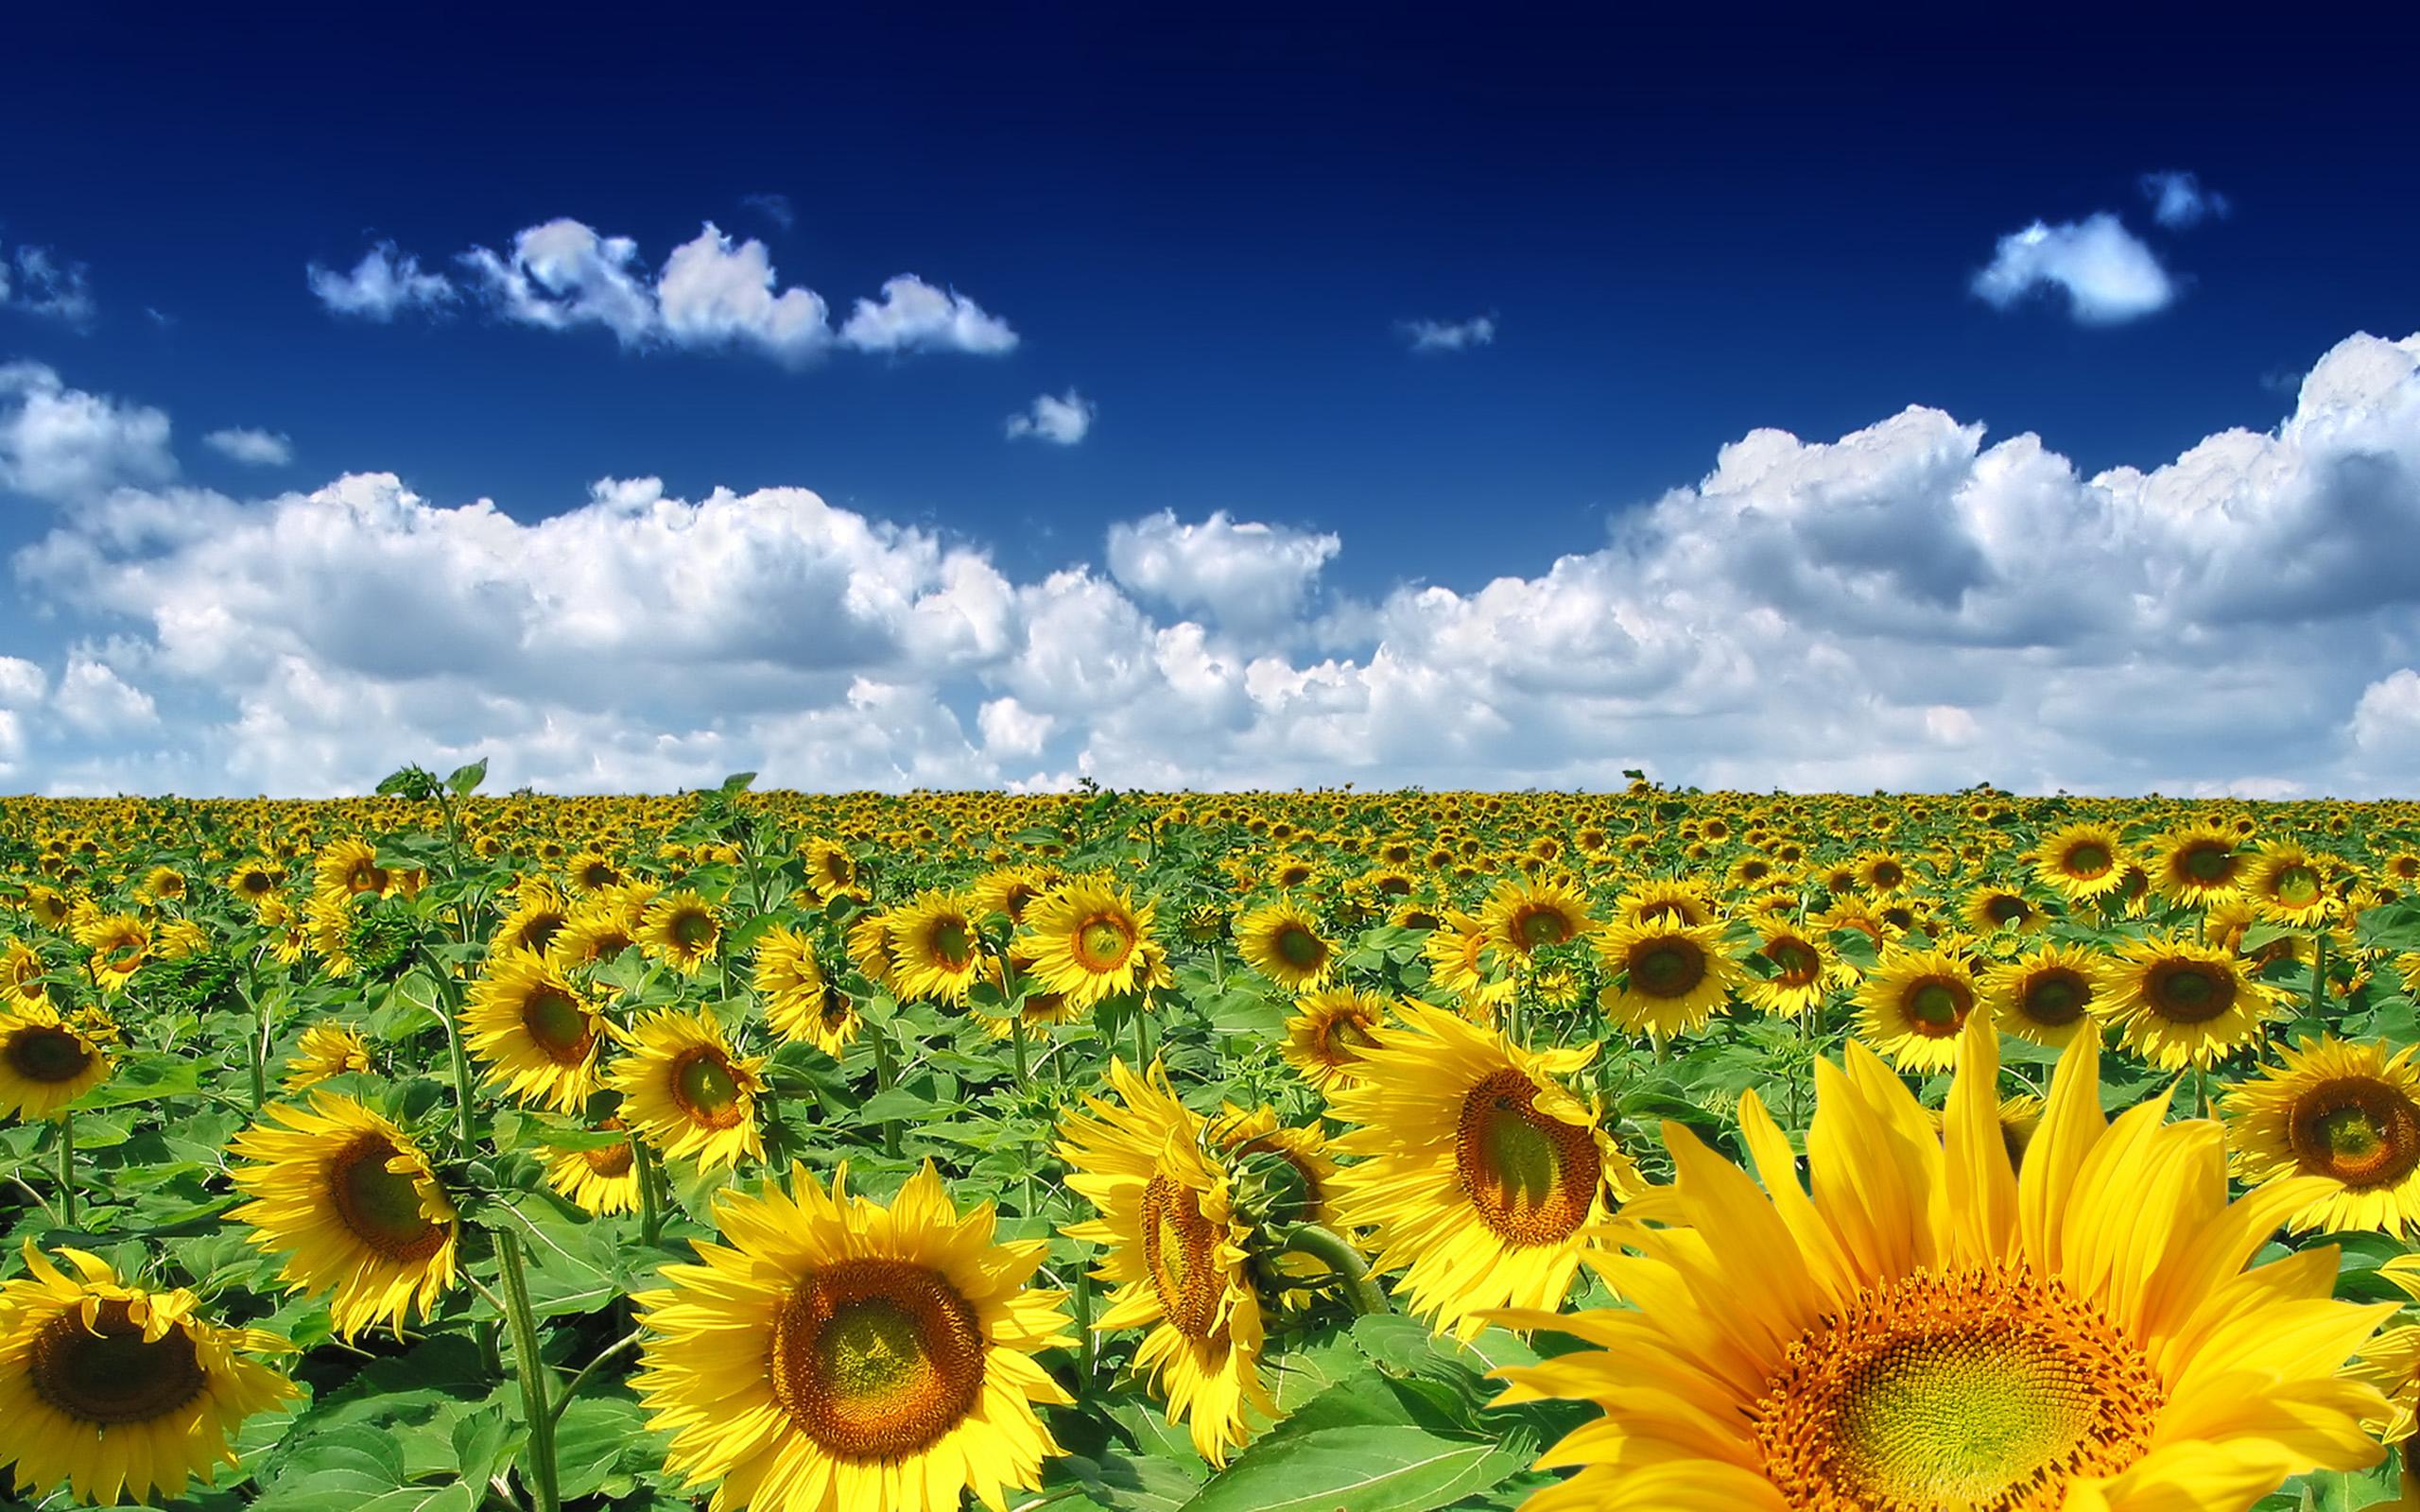 Sunflowers Field Hd Hd Desktop Wallpapers 4k Hd